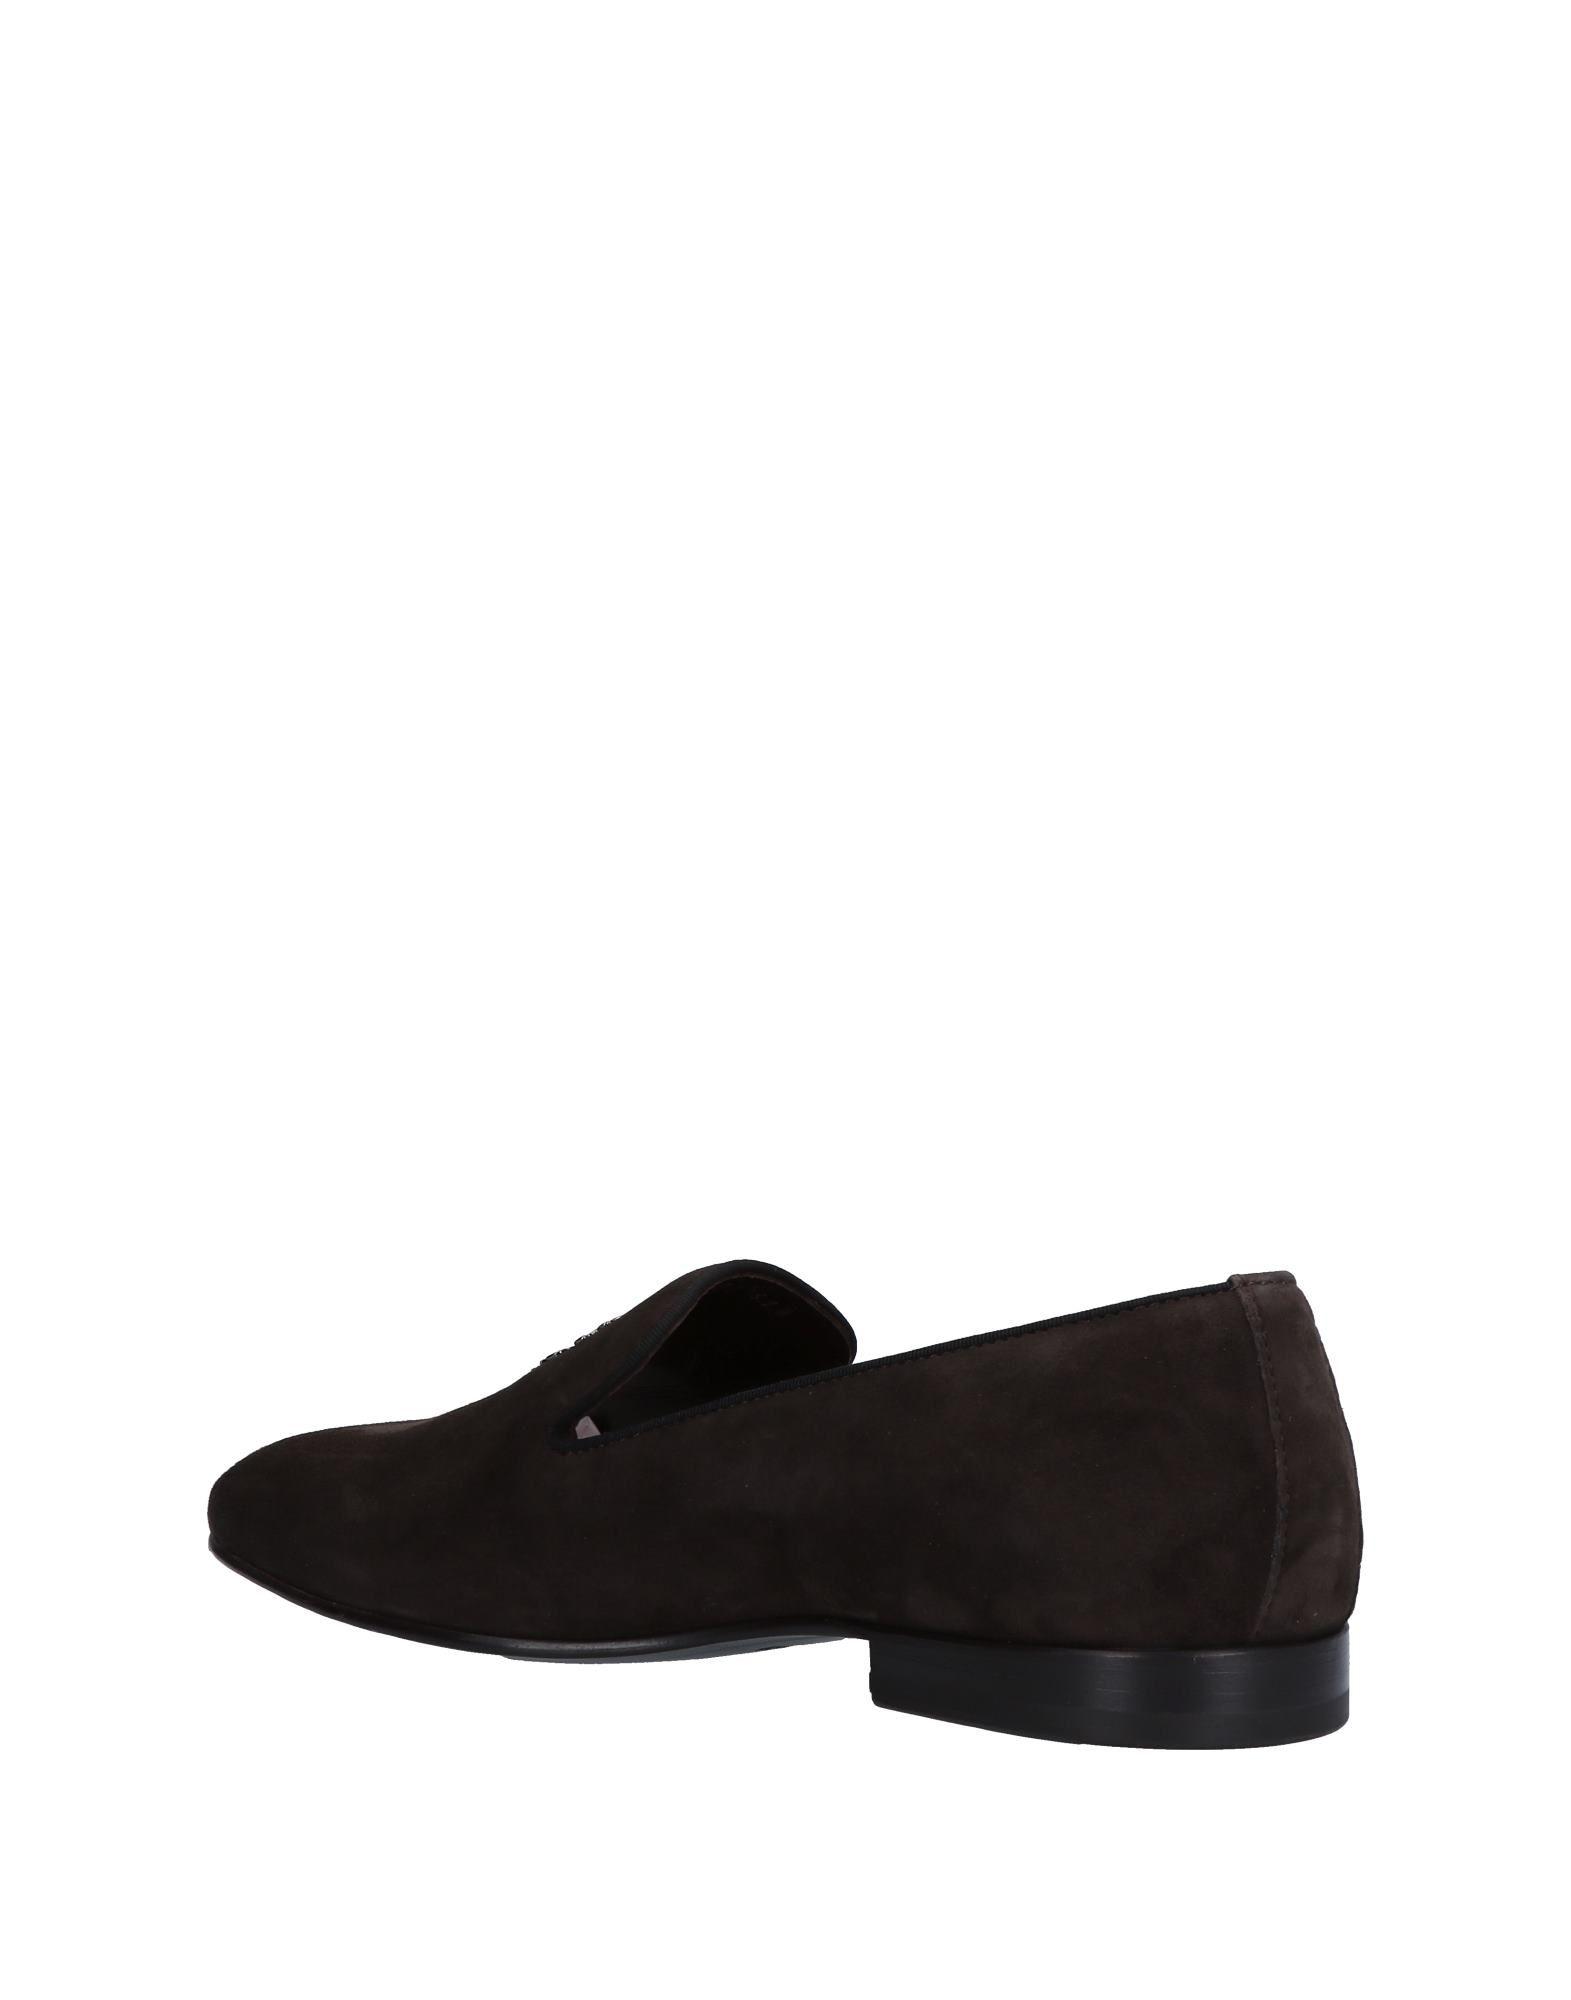 Roberto Cavalli Mokassins Herren  11517318CH Gute Qualität beliebte Schuhe